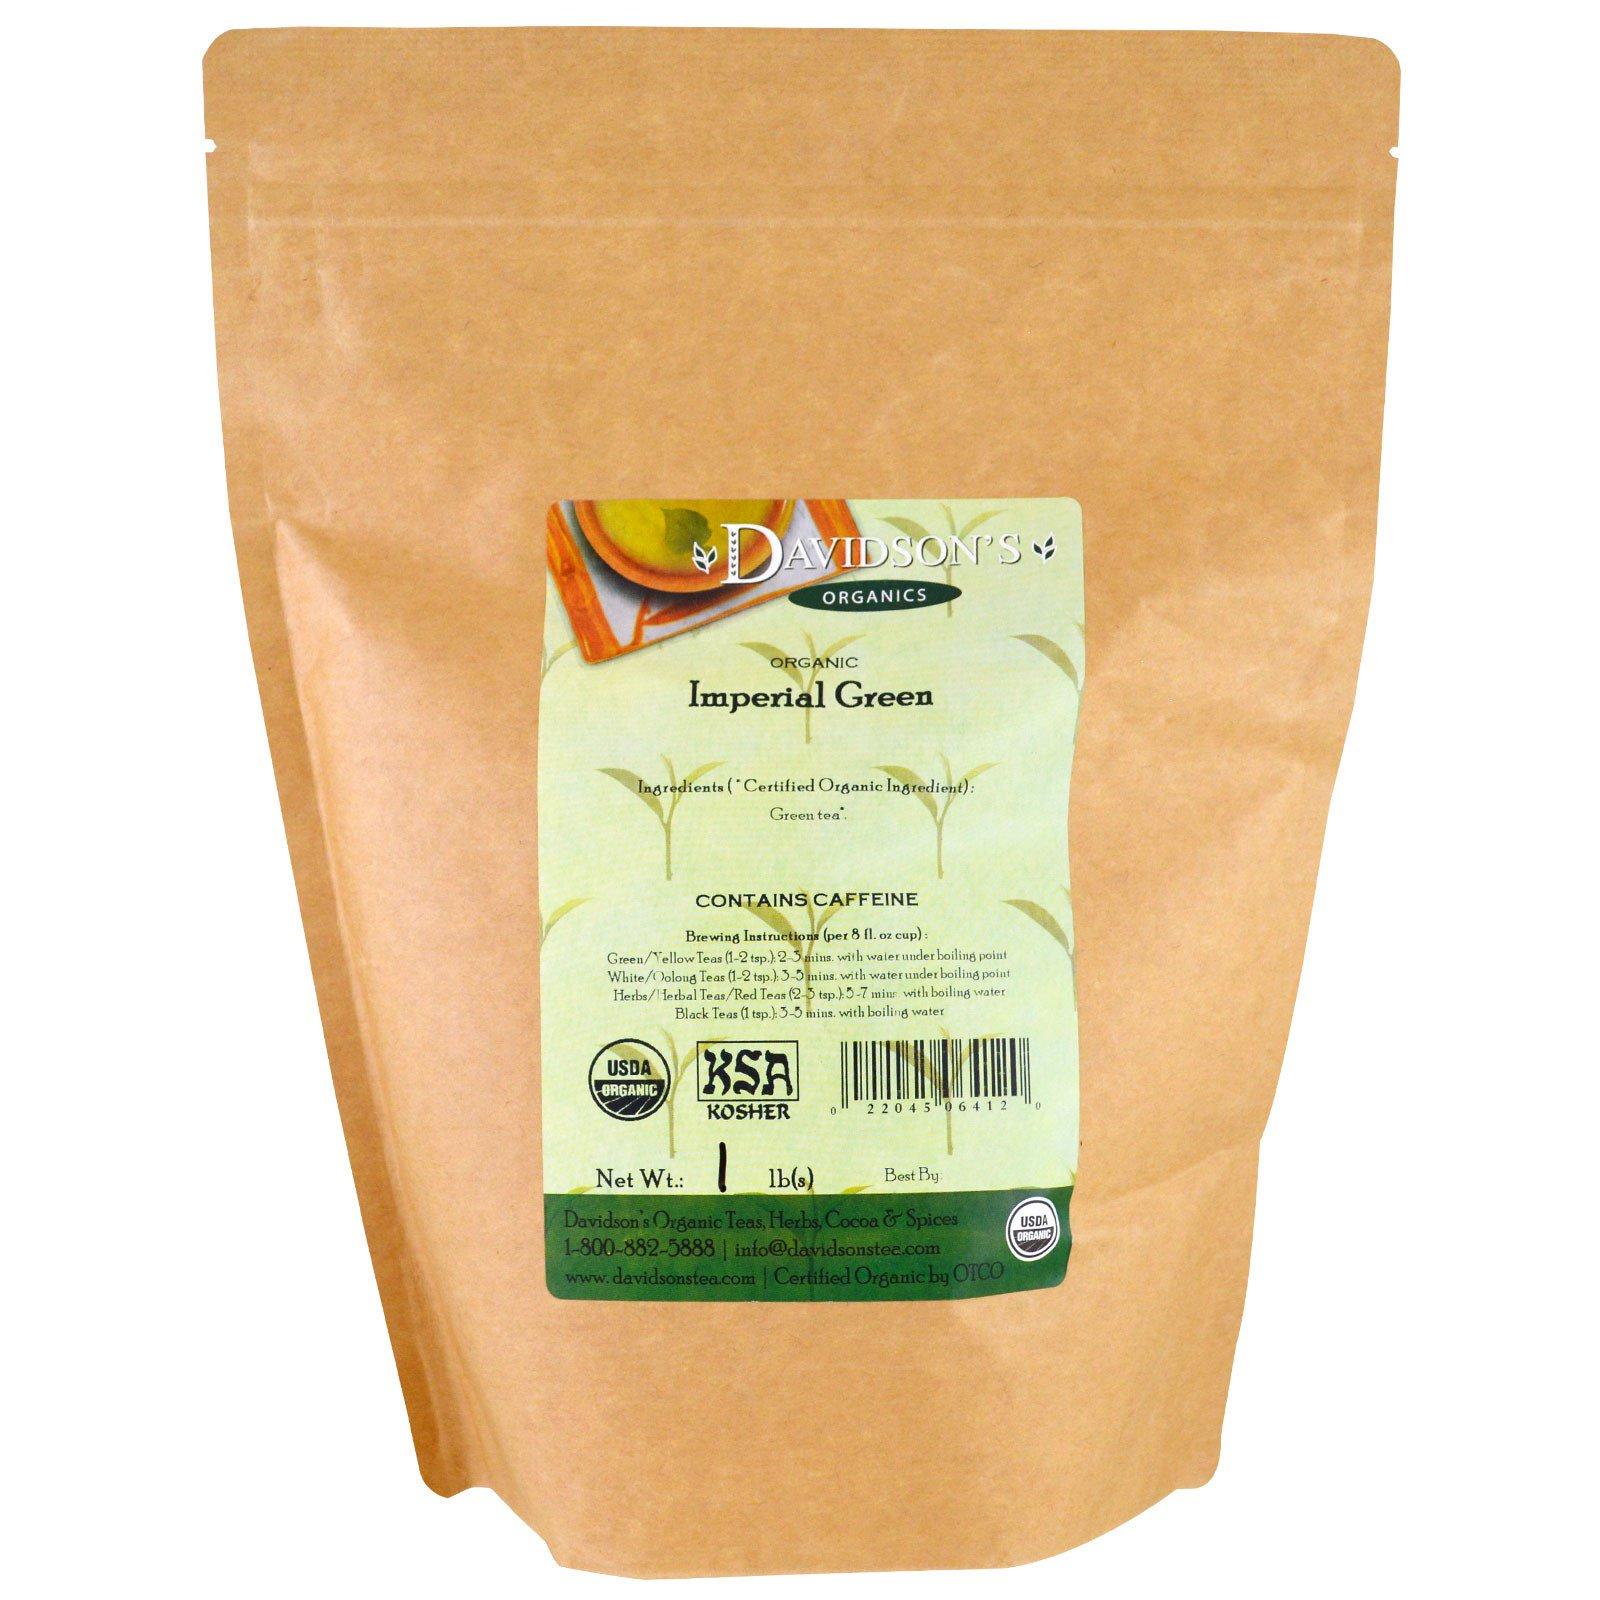 Davidson's Tea, Органический, Императорский зеленый чай, 1 фунт